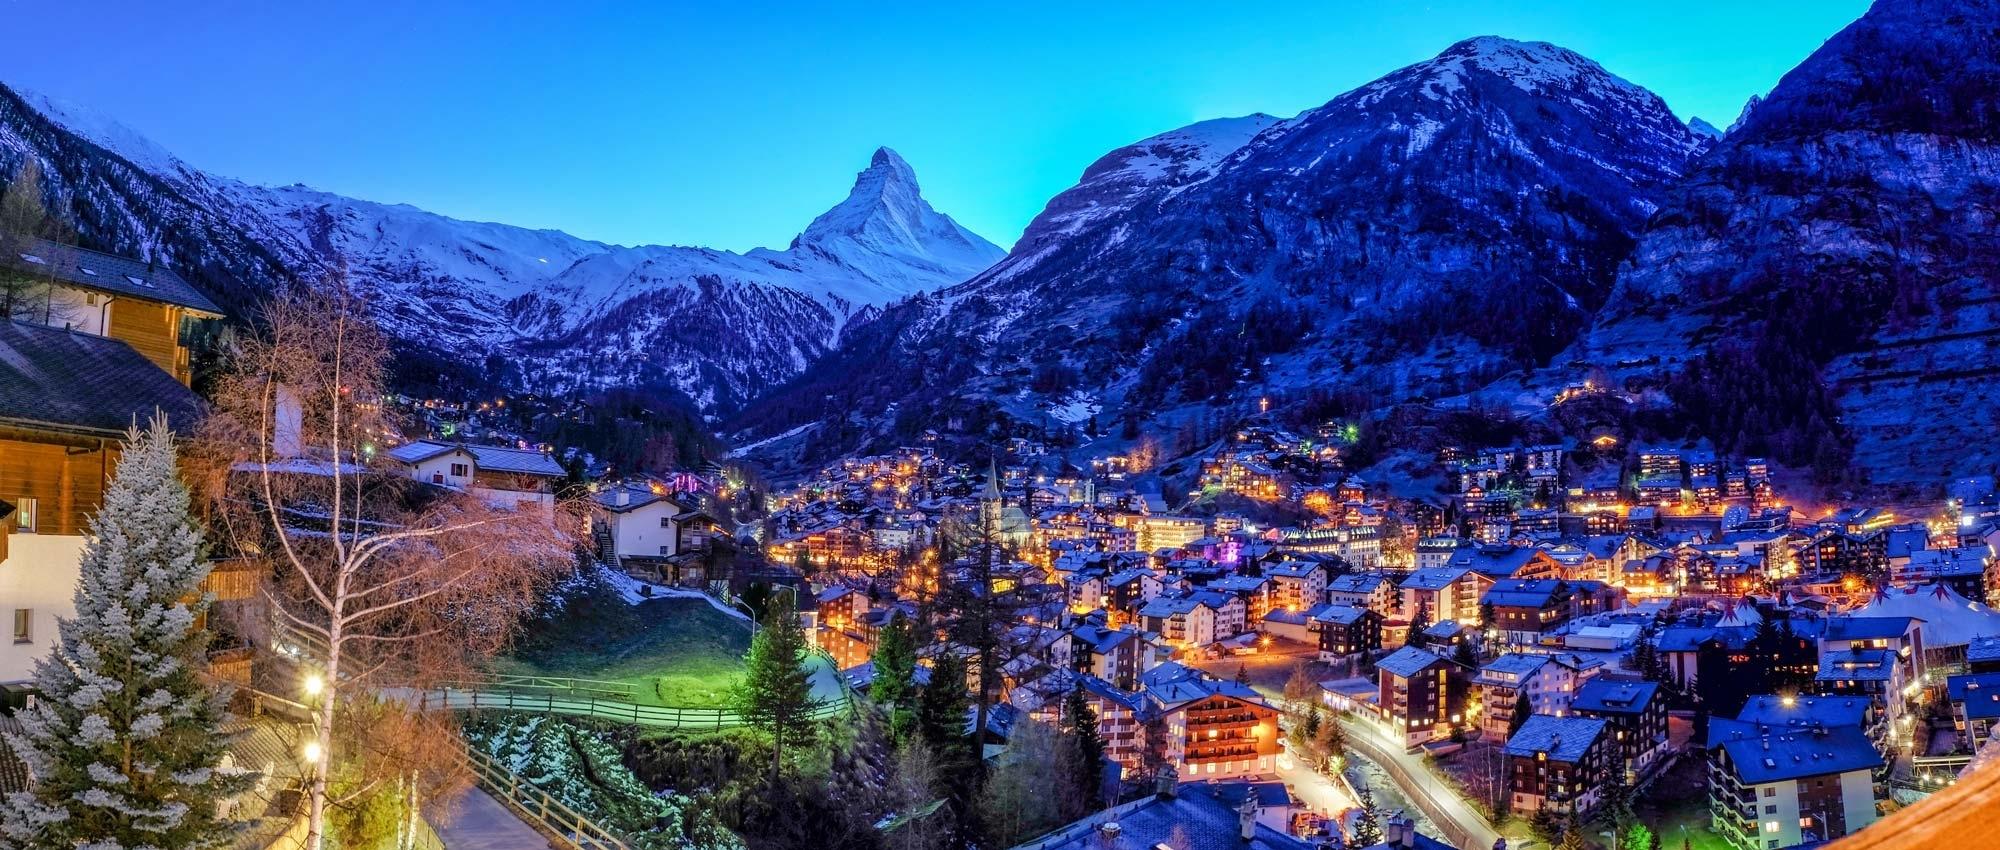 Noleggio Mini a Zermatt